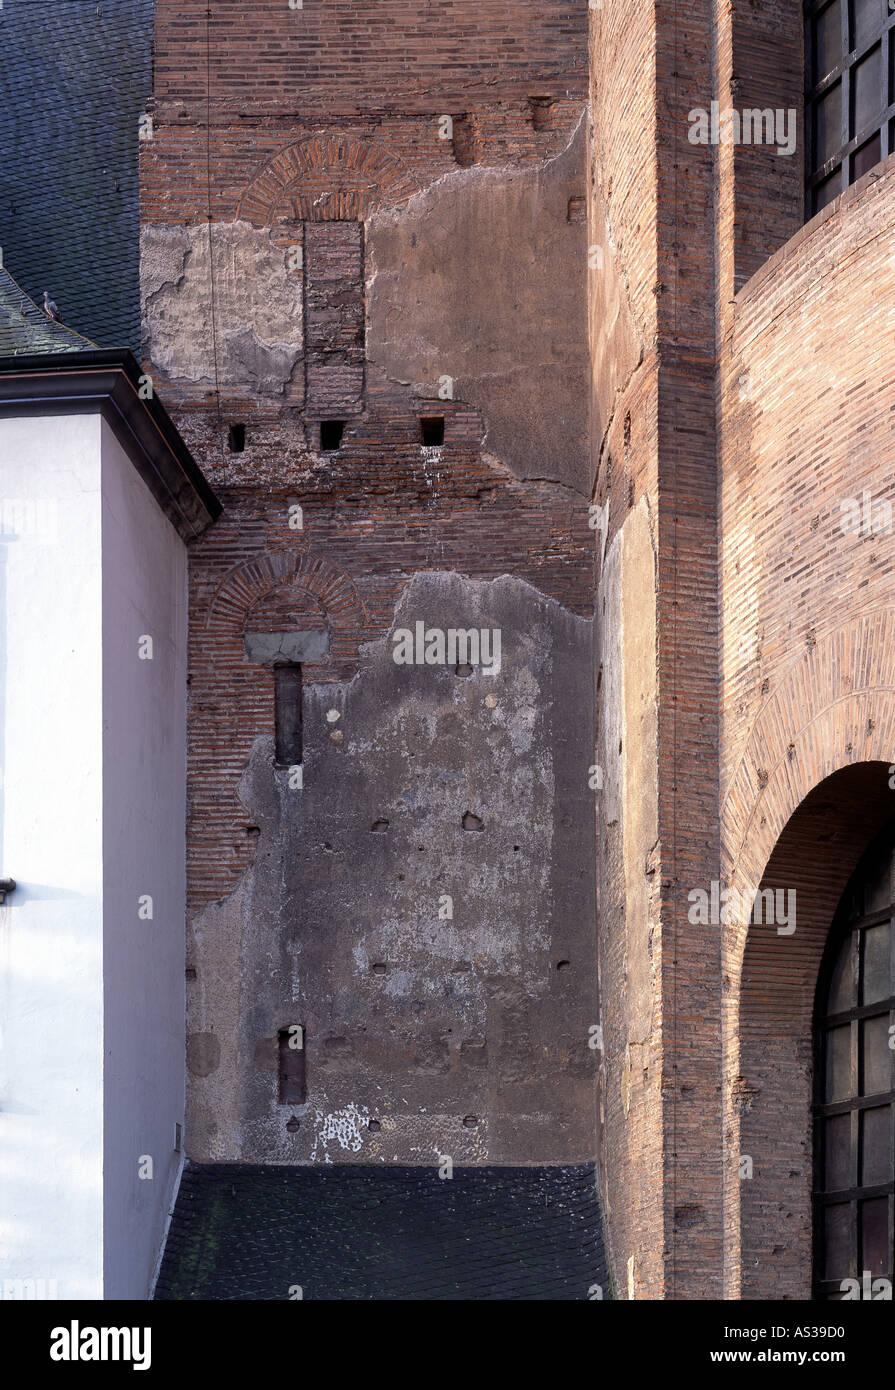 Raumausstatter Trier trier basilika römische putzreste östlich der apsis stock photo